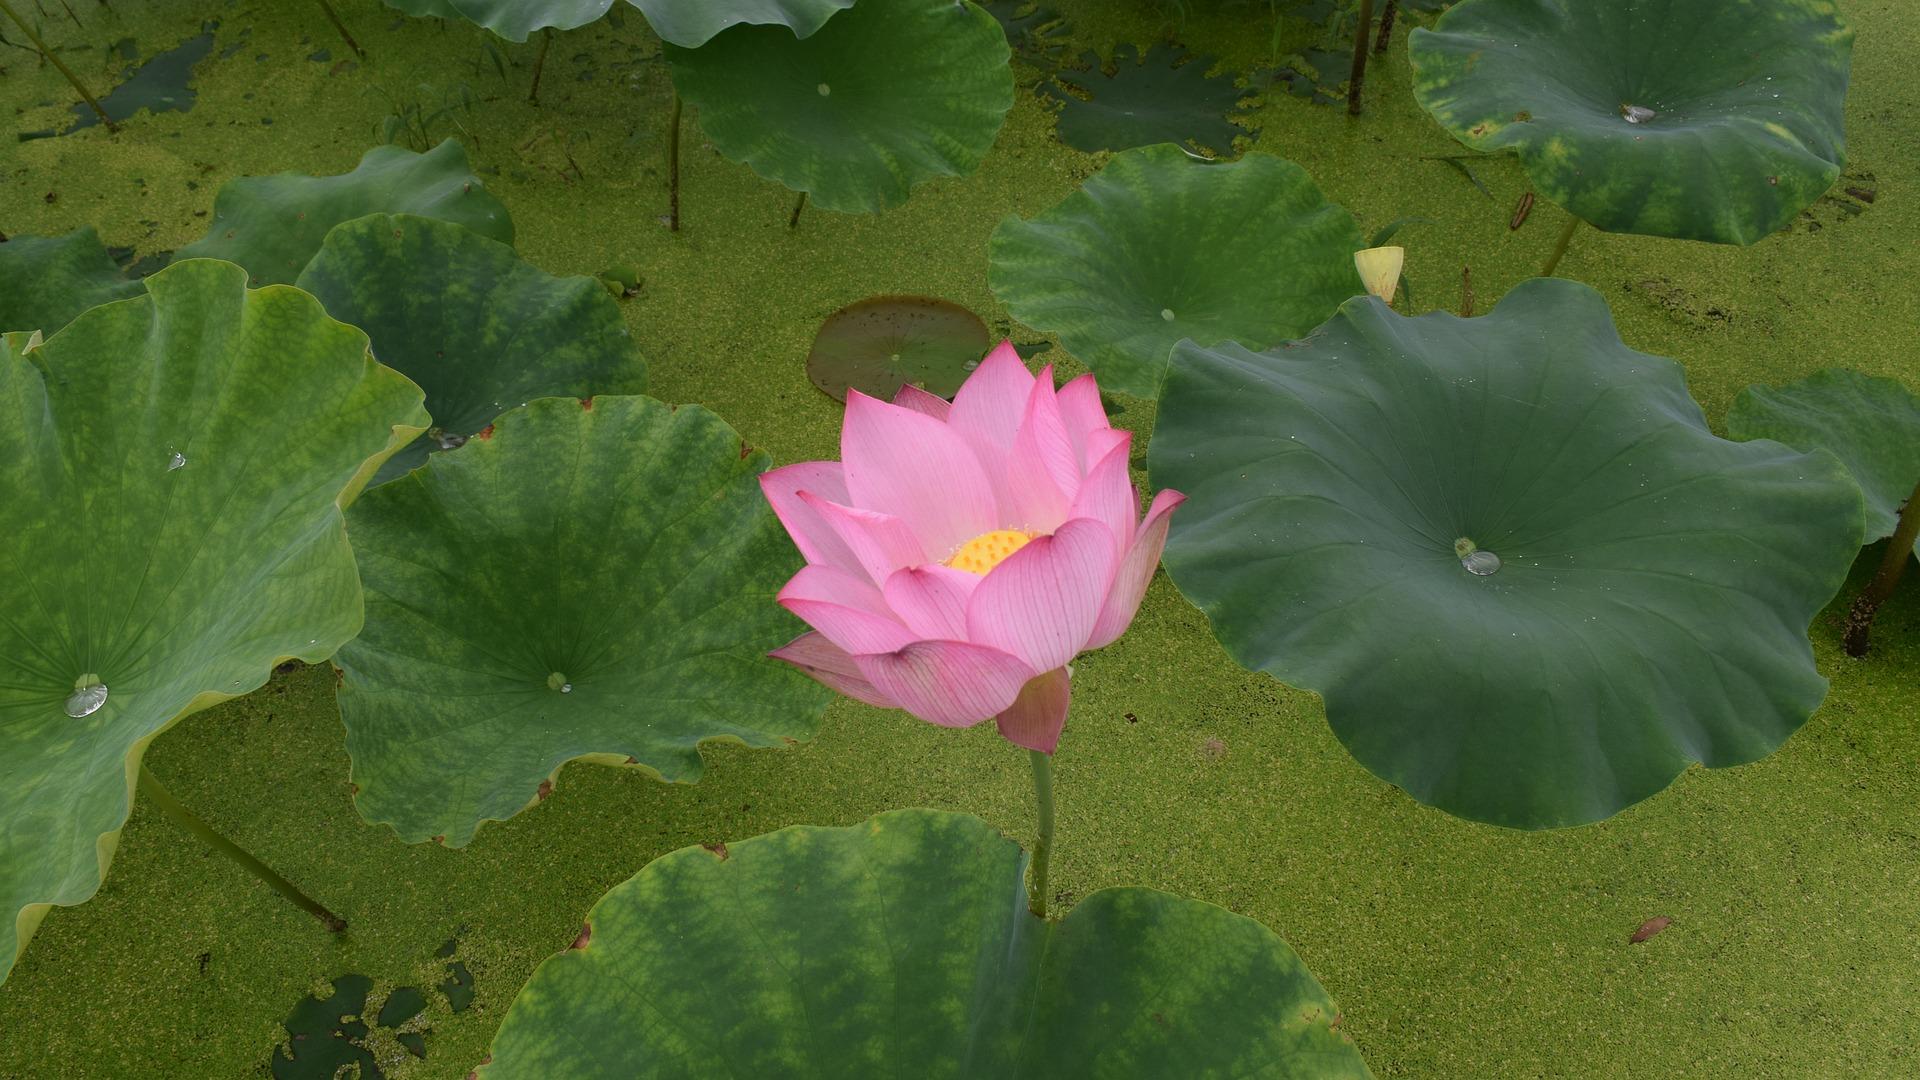 lotus-2422092_1920